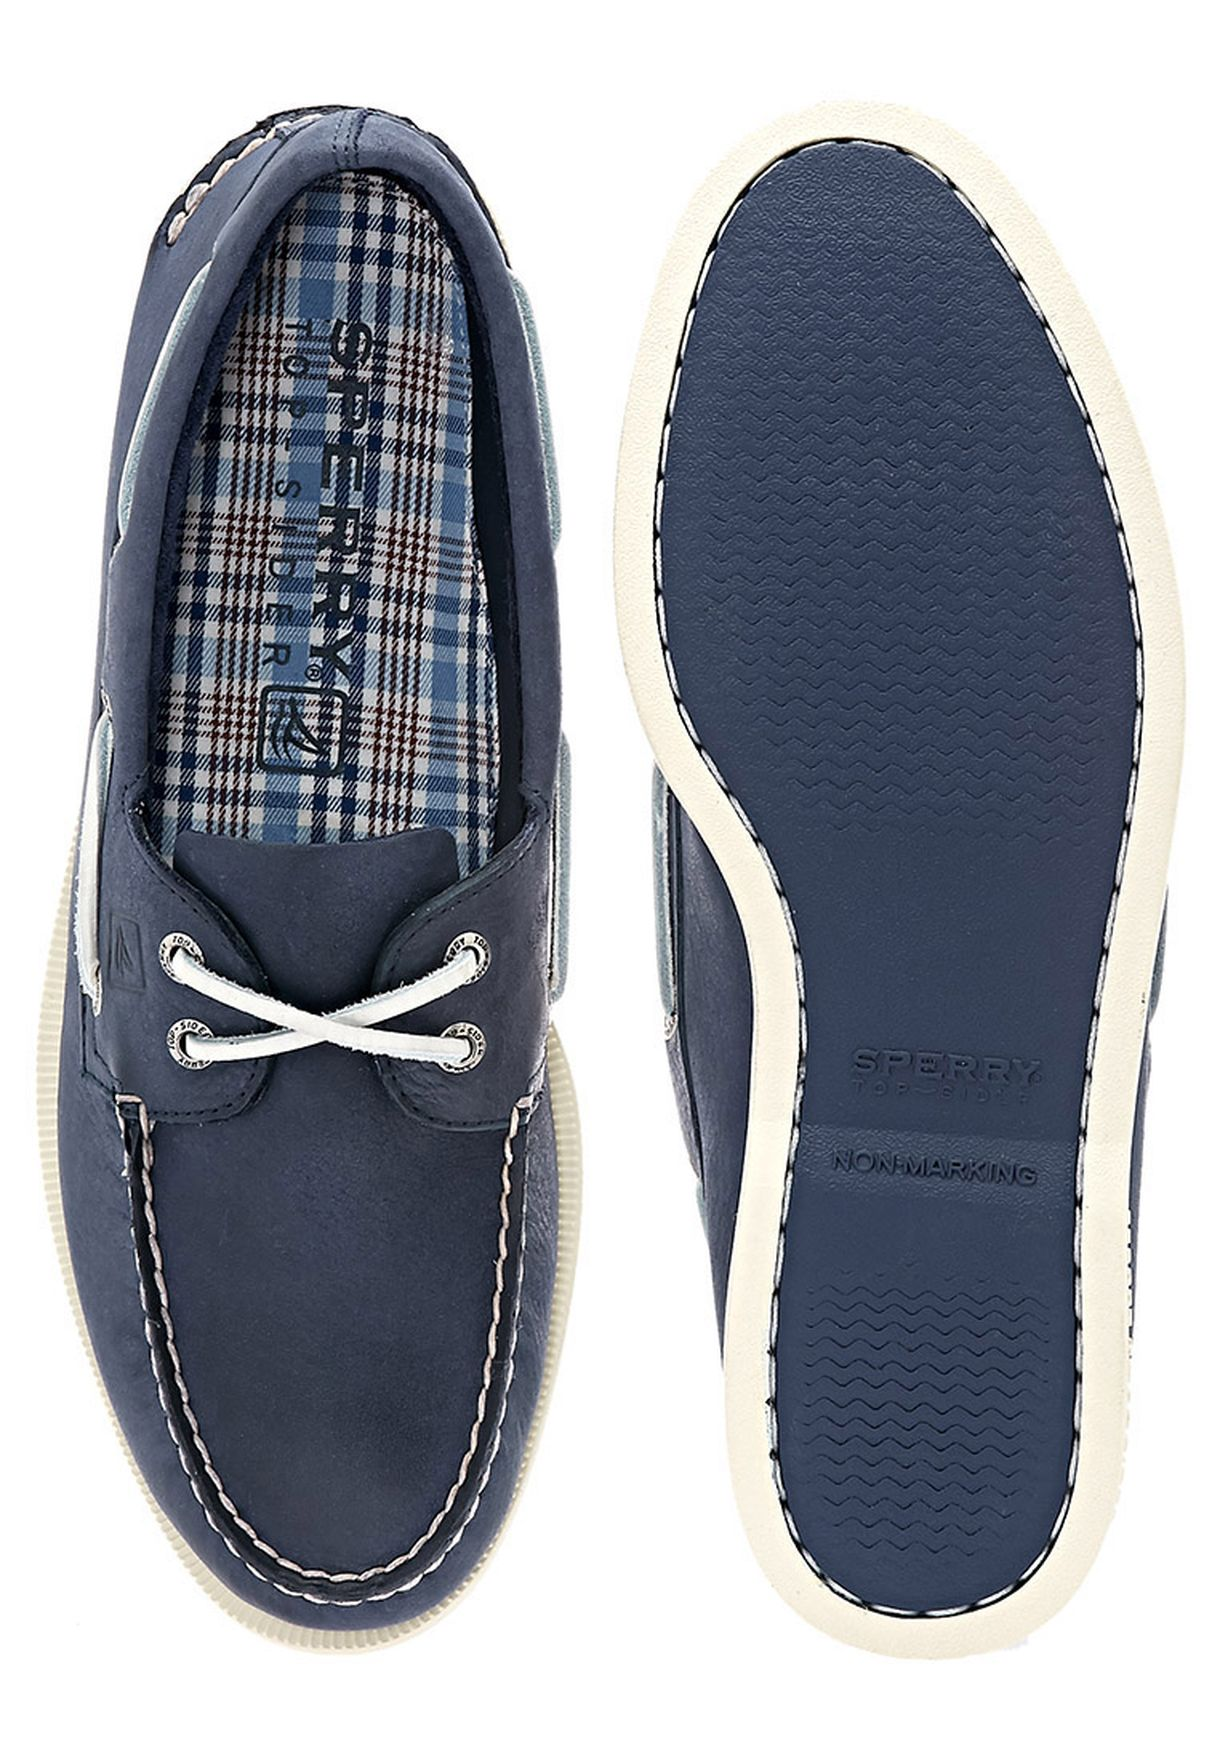 608def407 تسوق Boat Shoes ماركة سبيري توب سايدر لون أزرق في الامارات ...